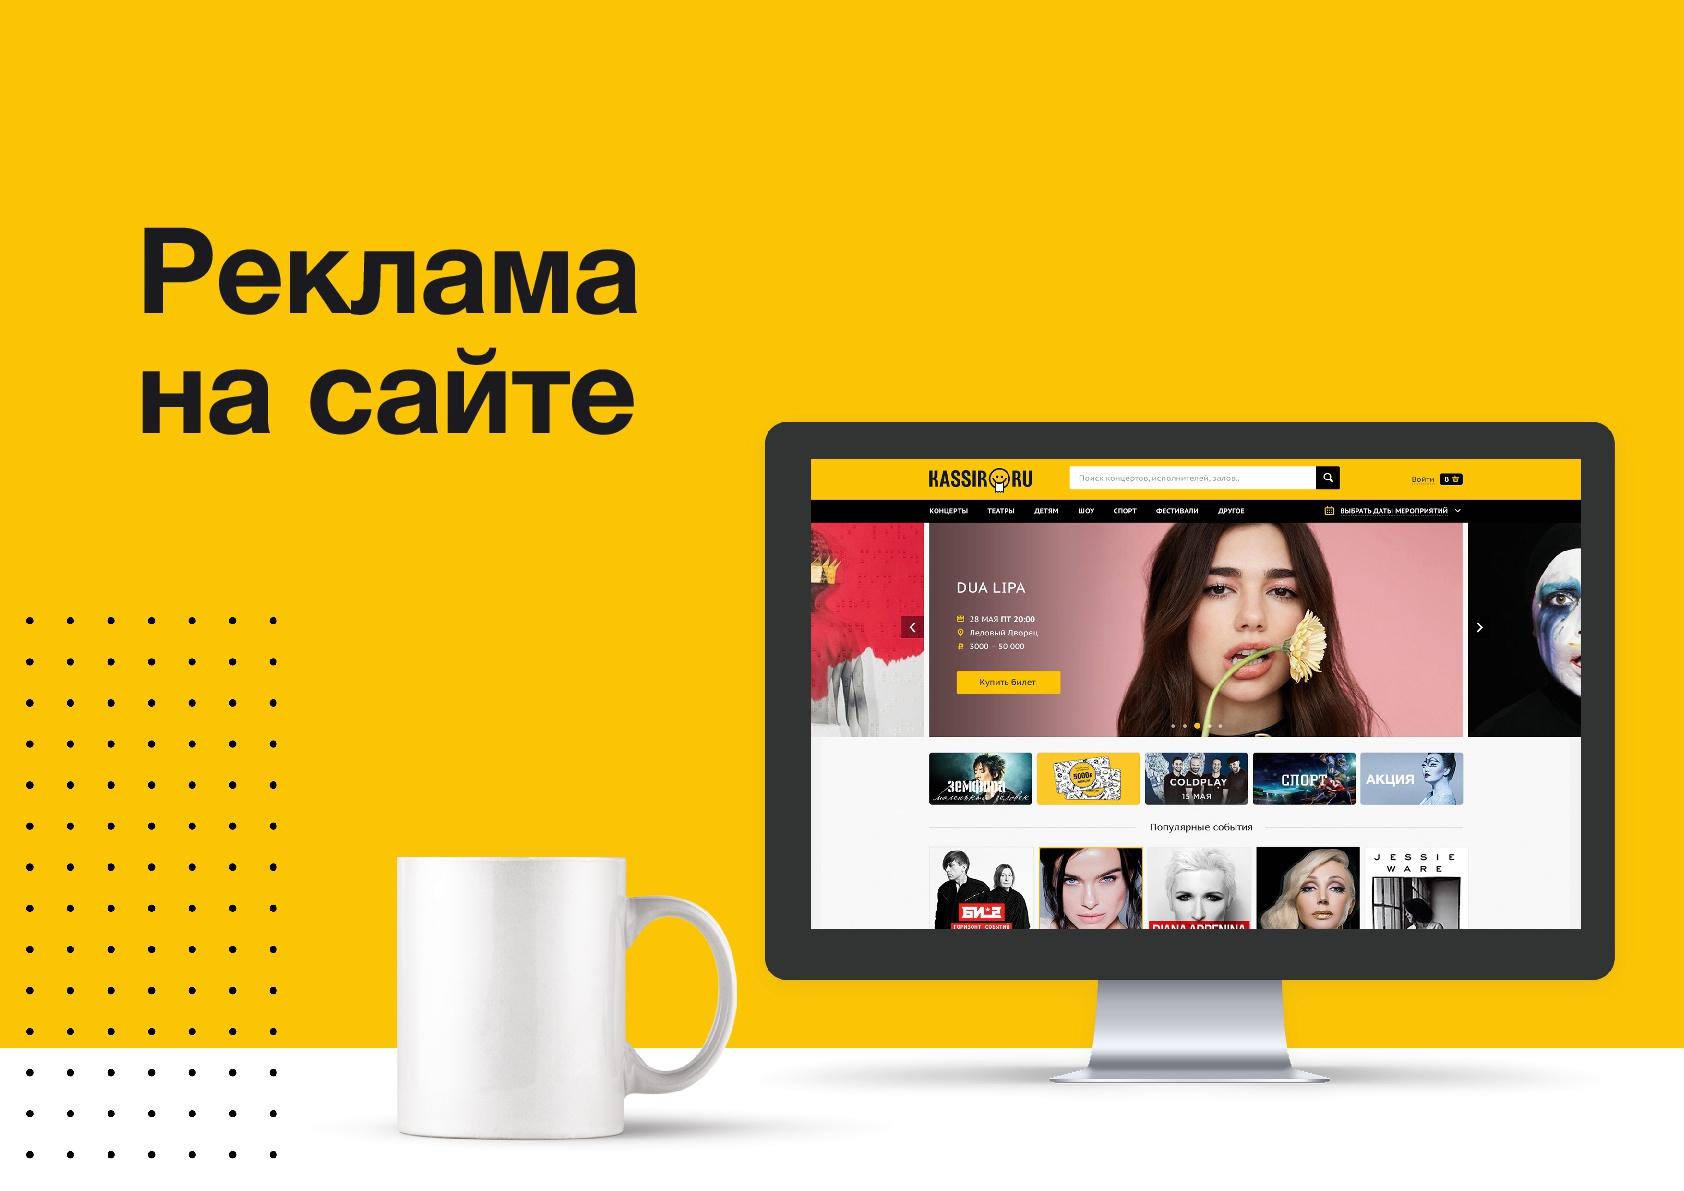 Баннеры на сайте для рекламы своего продукта